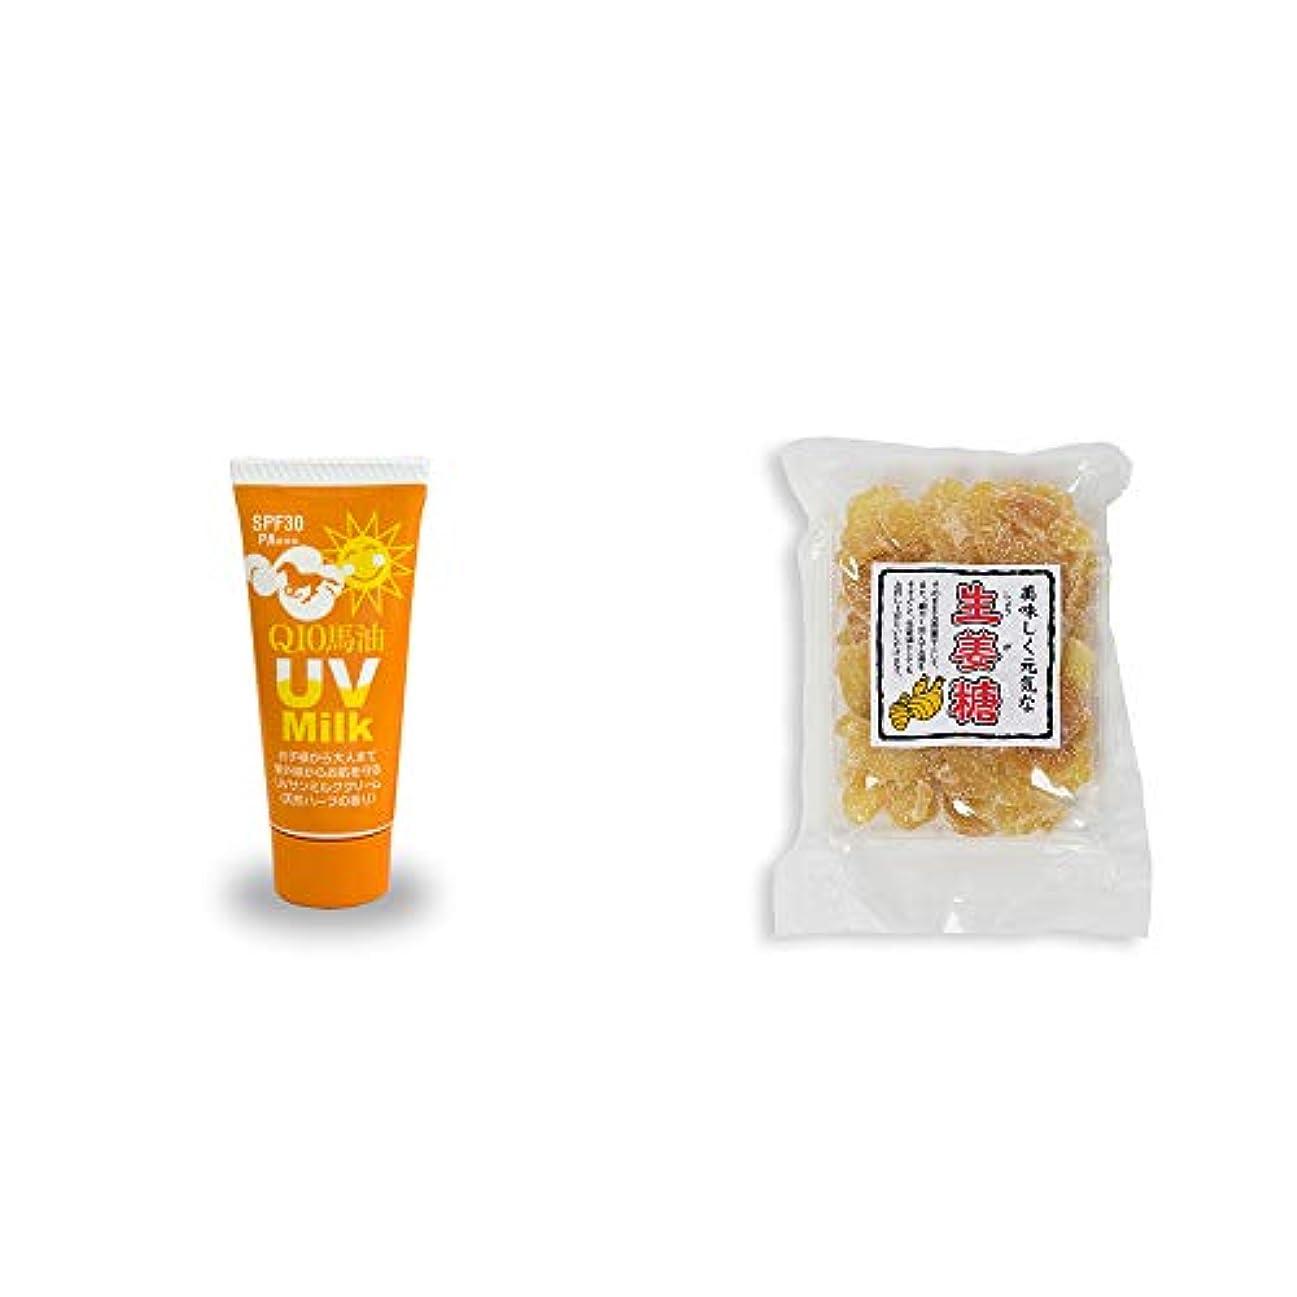 クリップ蝶復活させる鈍い[2点セット] 炭黒泉 Q10馬油 UVサンミルク[天然ハーブ](40g)?生姜糖(230g)